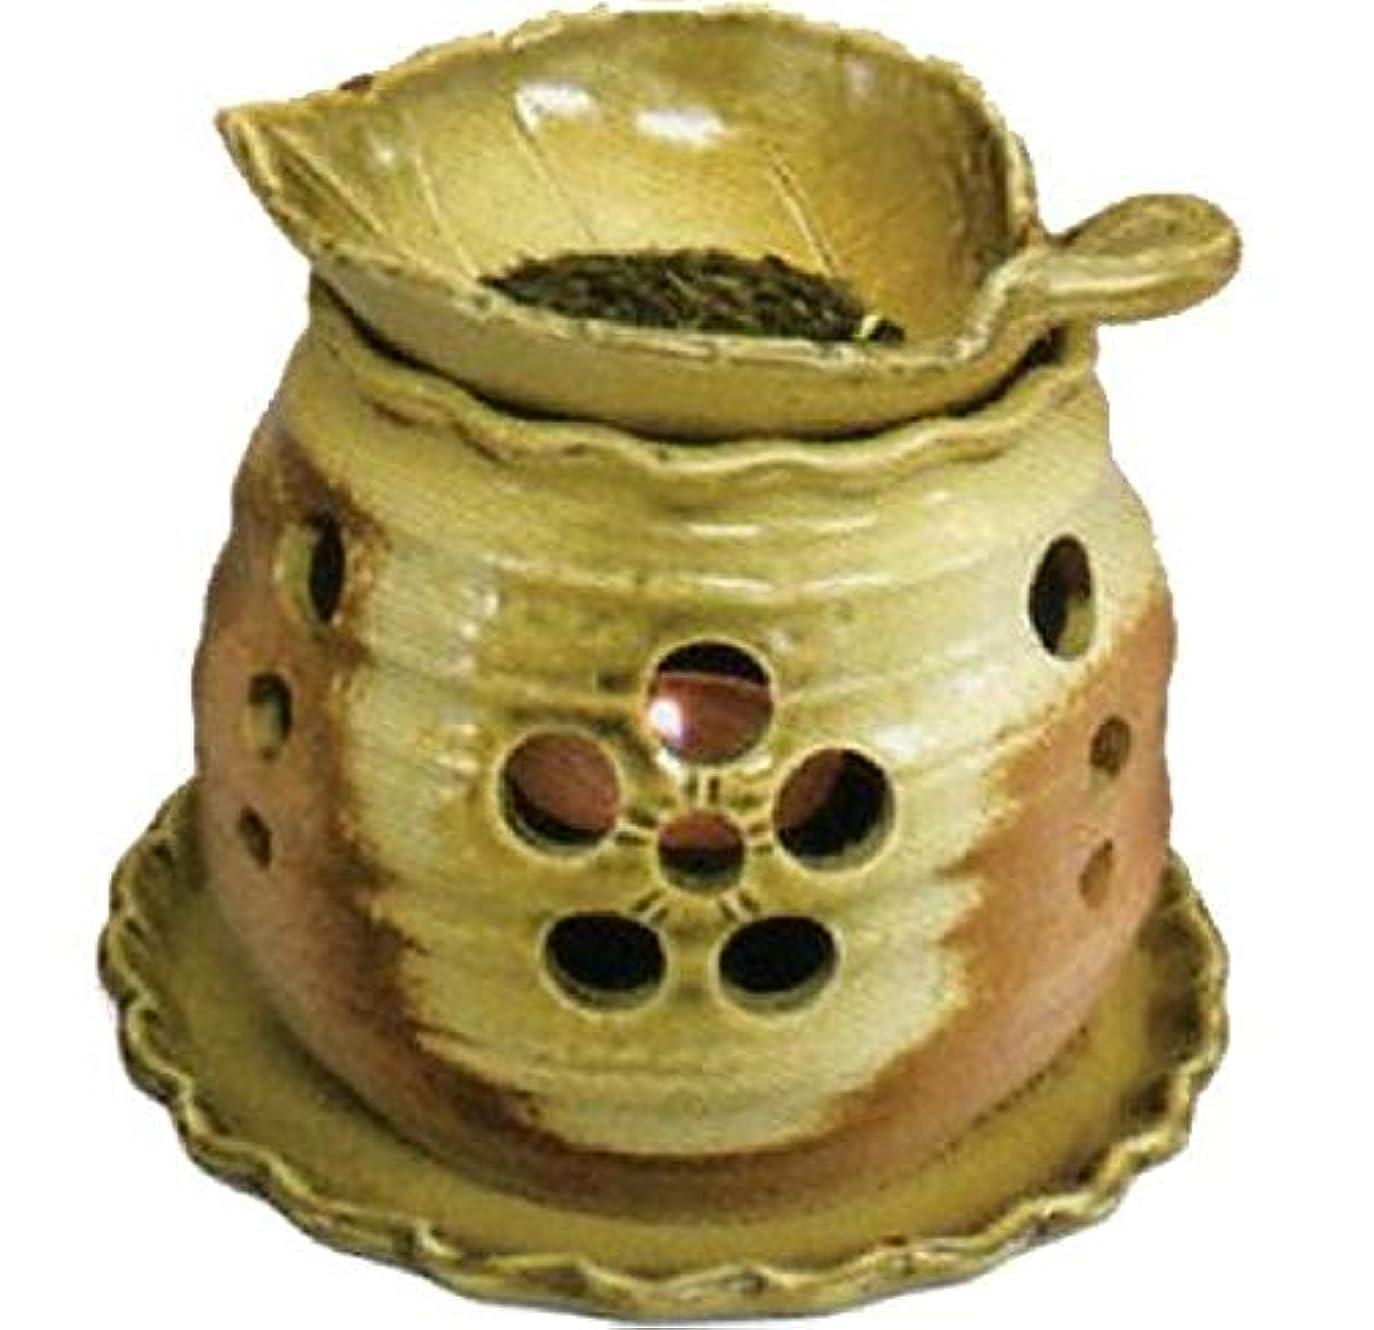 ホバート徴収タオル常滑焼 創器 ゆとり 茶香炉 径:13.2cm 高さ:11.5cm 木の葉の皿付 サ39-09